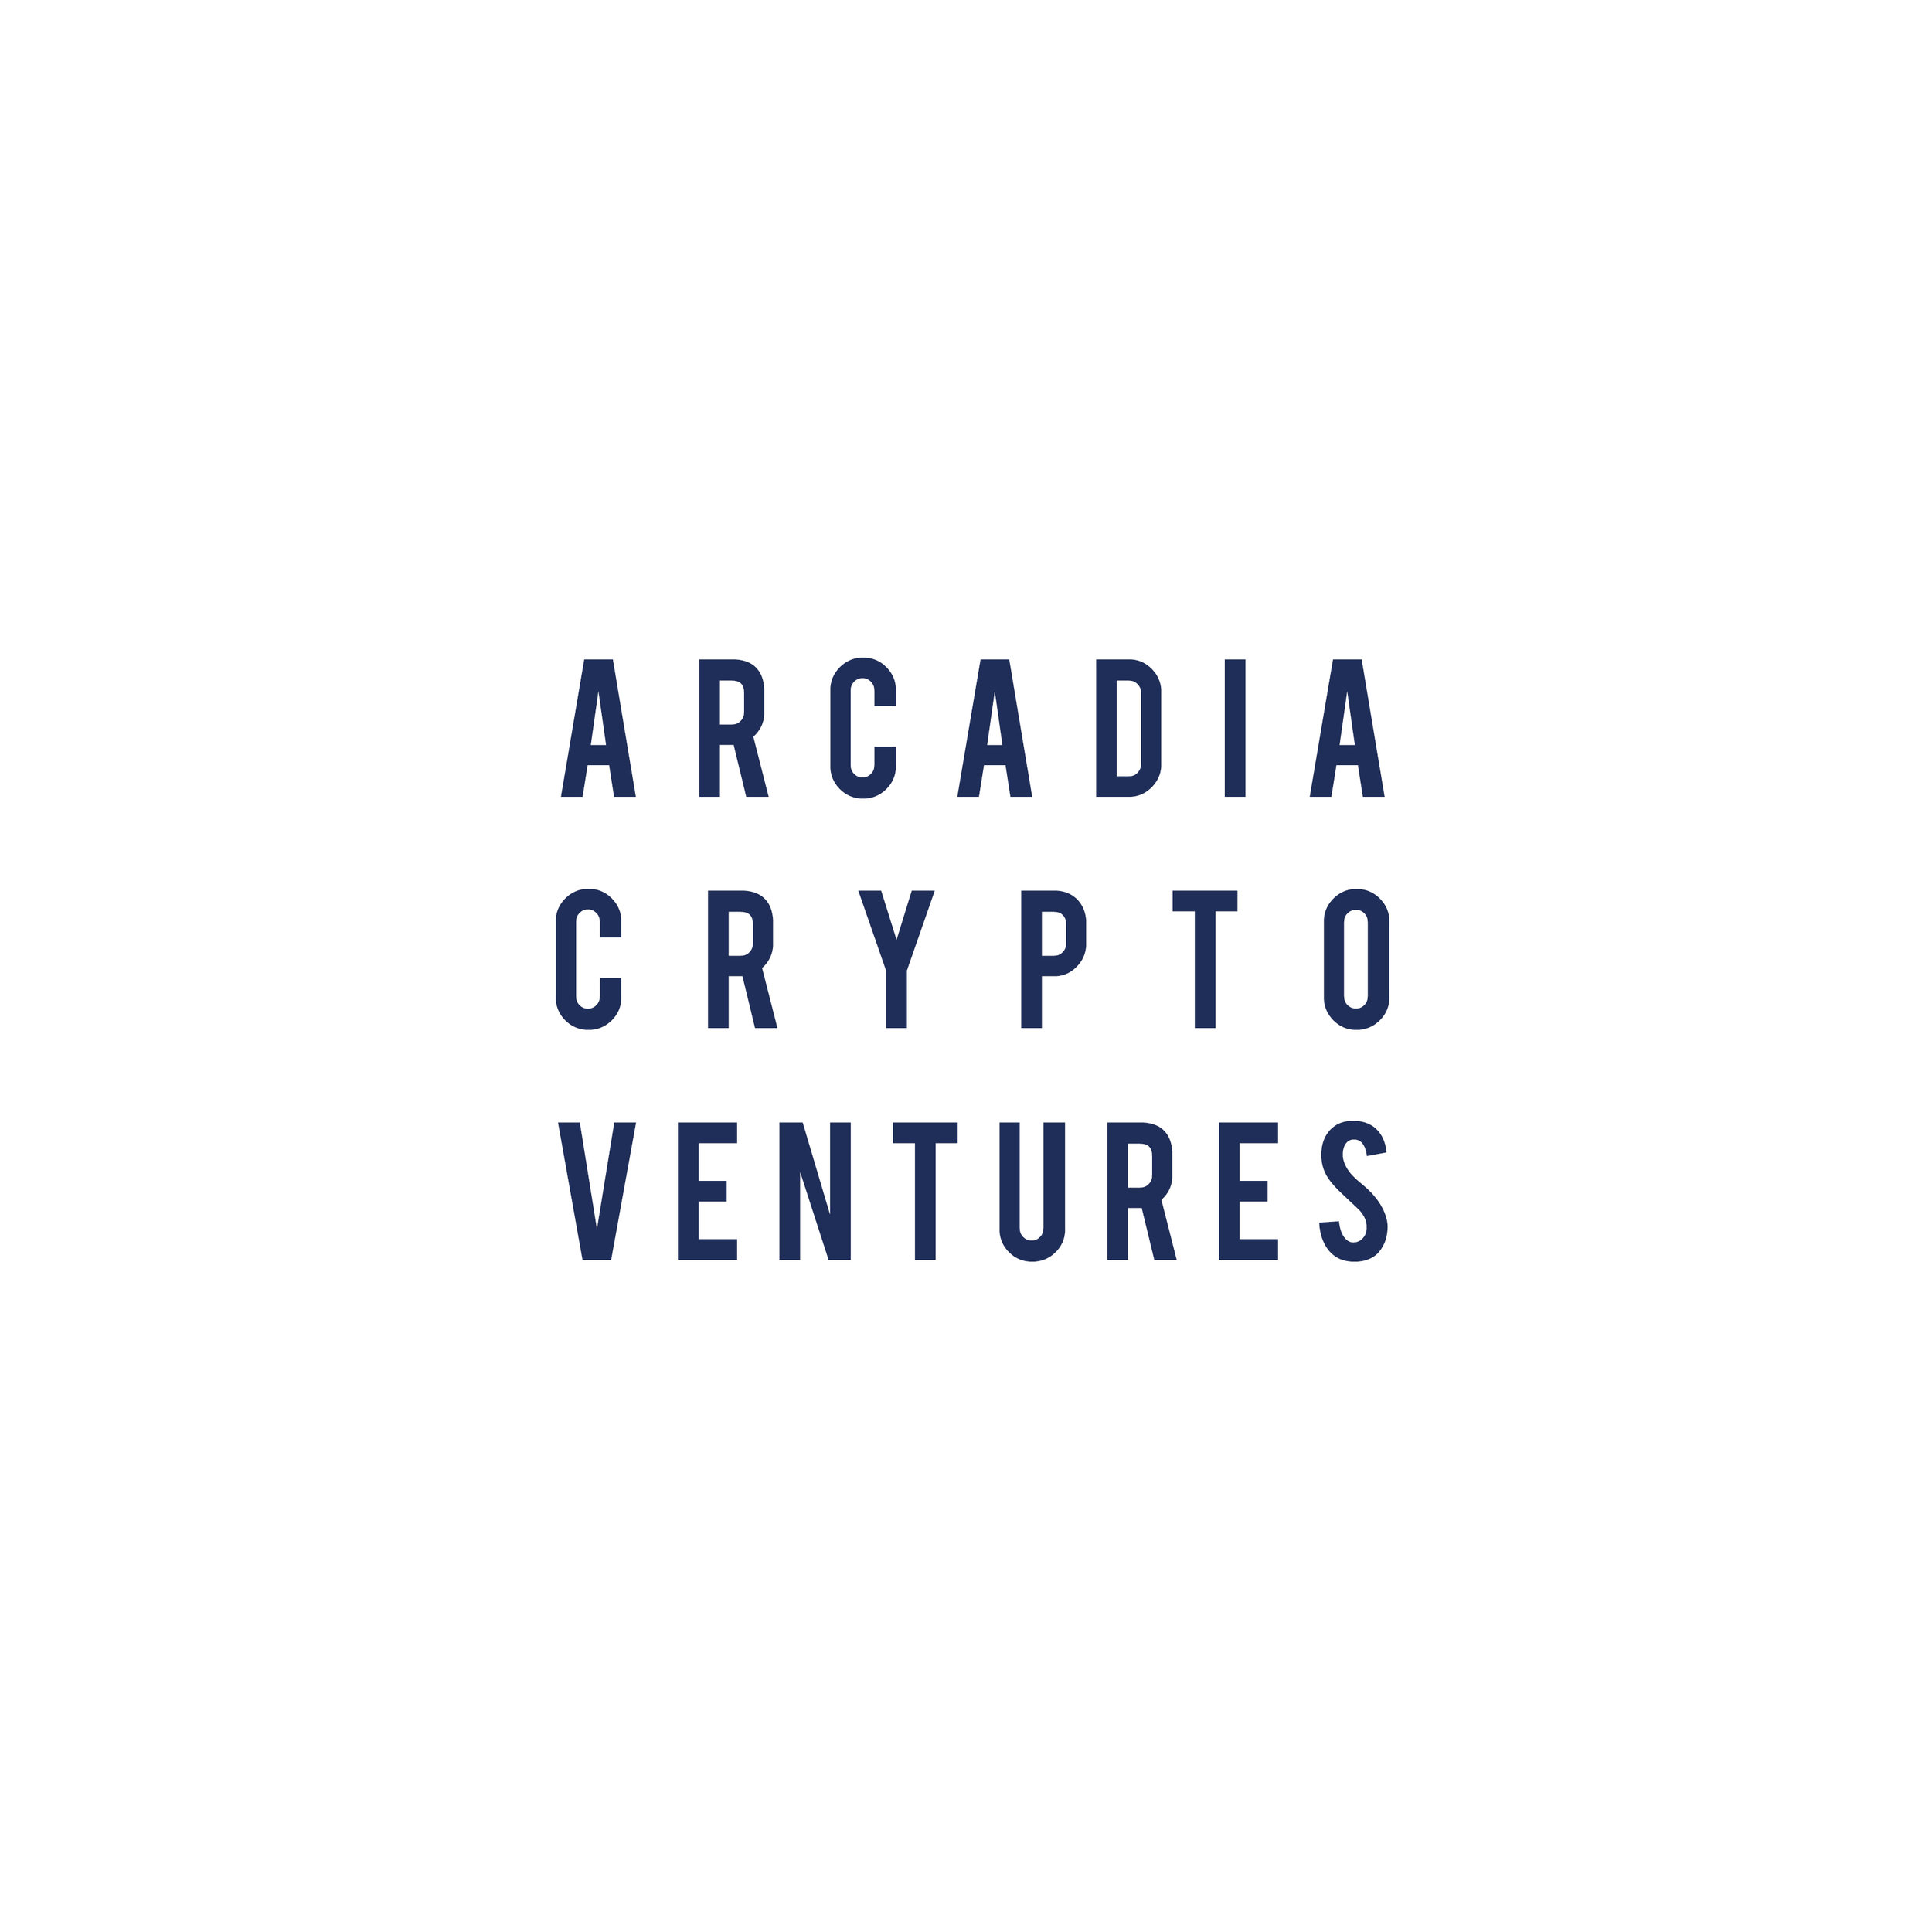 ArcadiaCryptoLogo.jpg